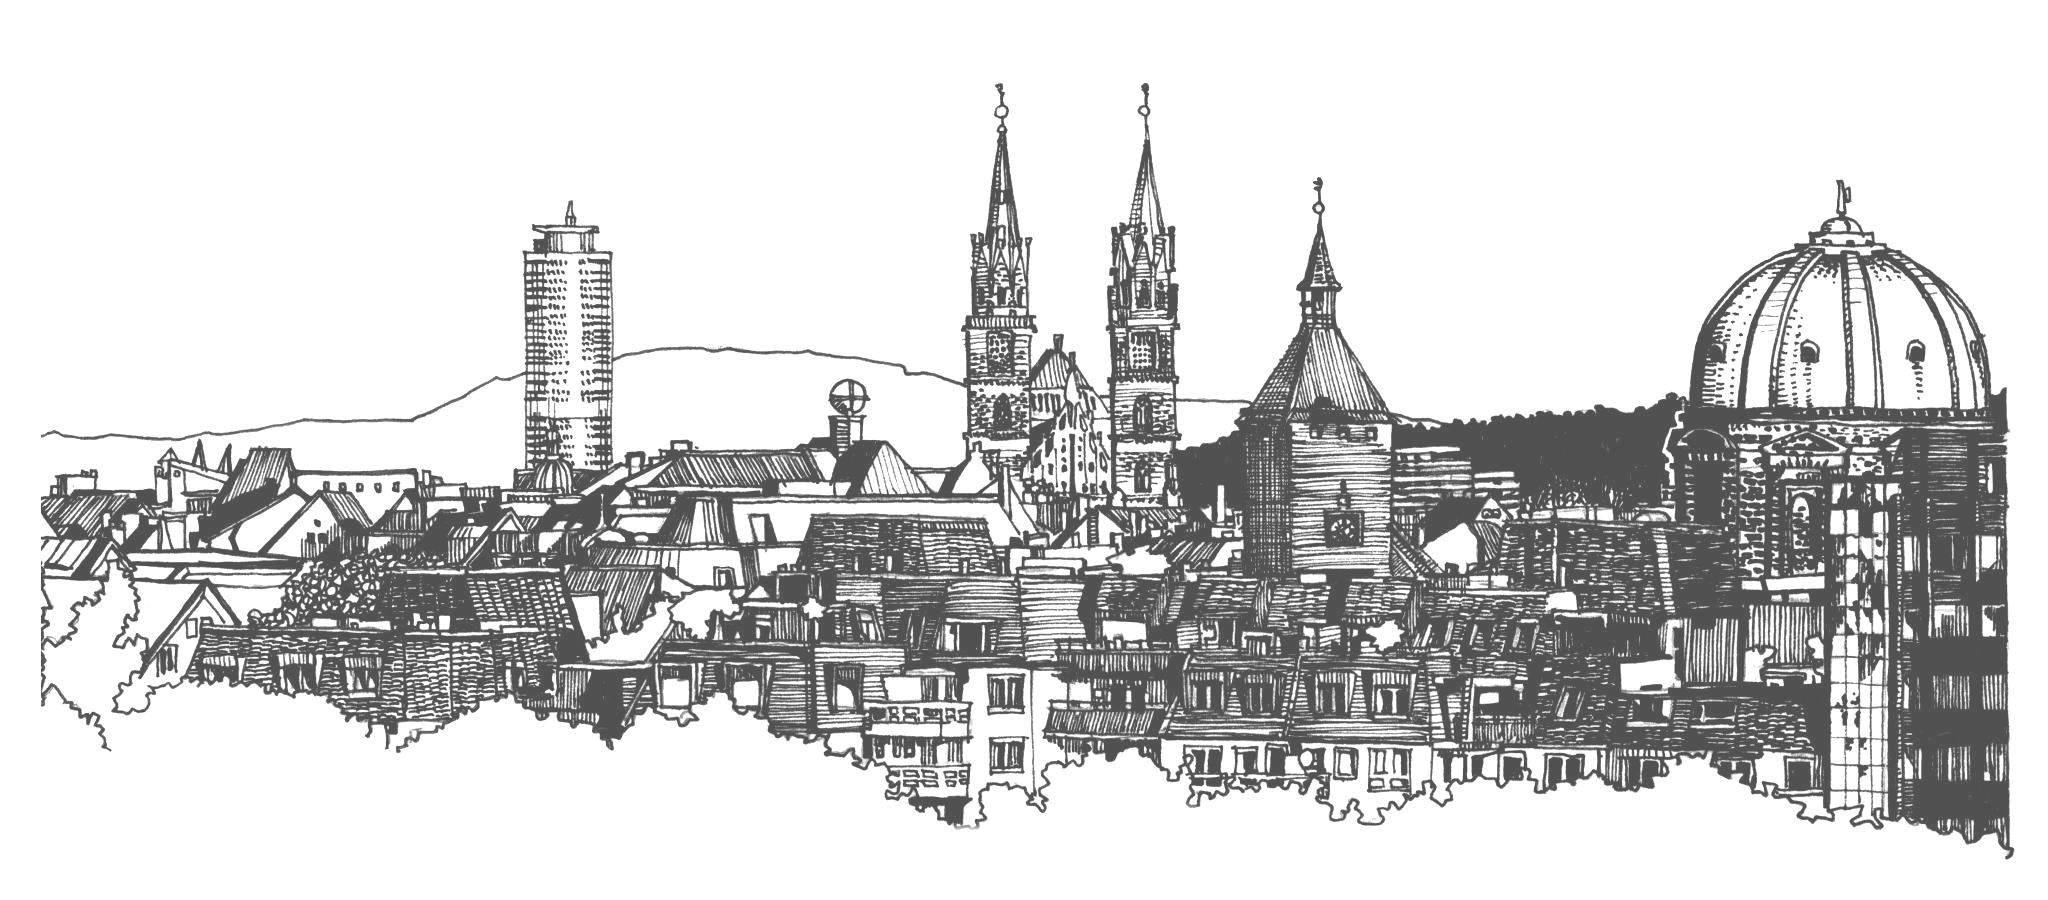 Schwarz-weiß Zeichnung von der Nürnberger Skyline - Kanzlei für Markenrecht, Wettbewerbsrecht und Urheberrecht